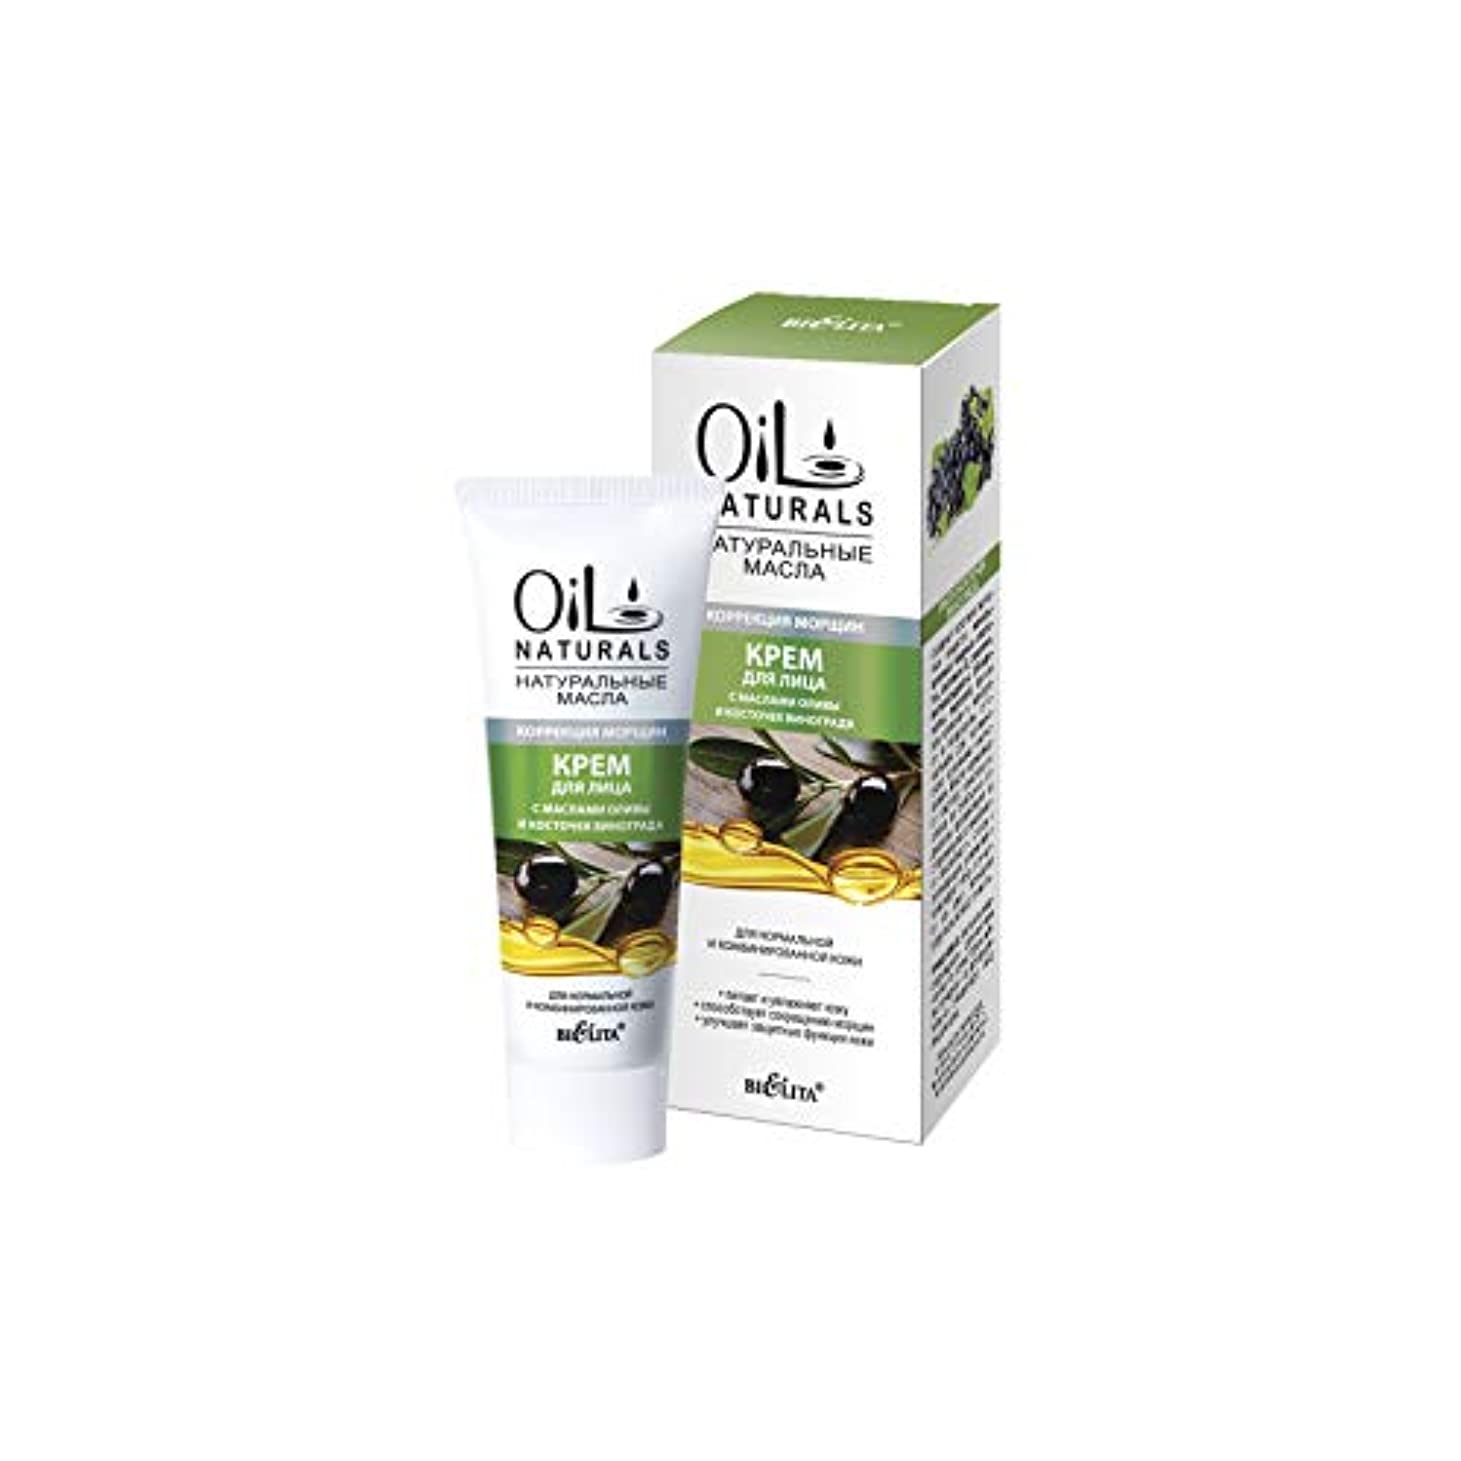 アクティビティ操作委託Bielita & Vitex   Oil Naturals Line   Wrinkle Correction Face Cream for Normal Skin, 50 ml   Olive Oil, Silk Proteins...